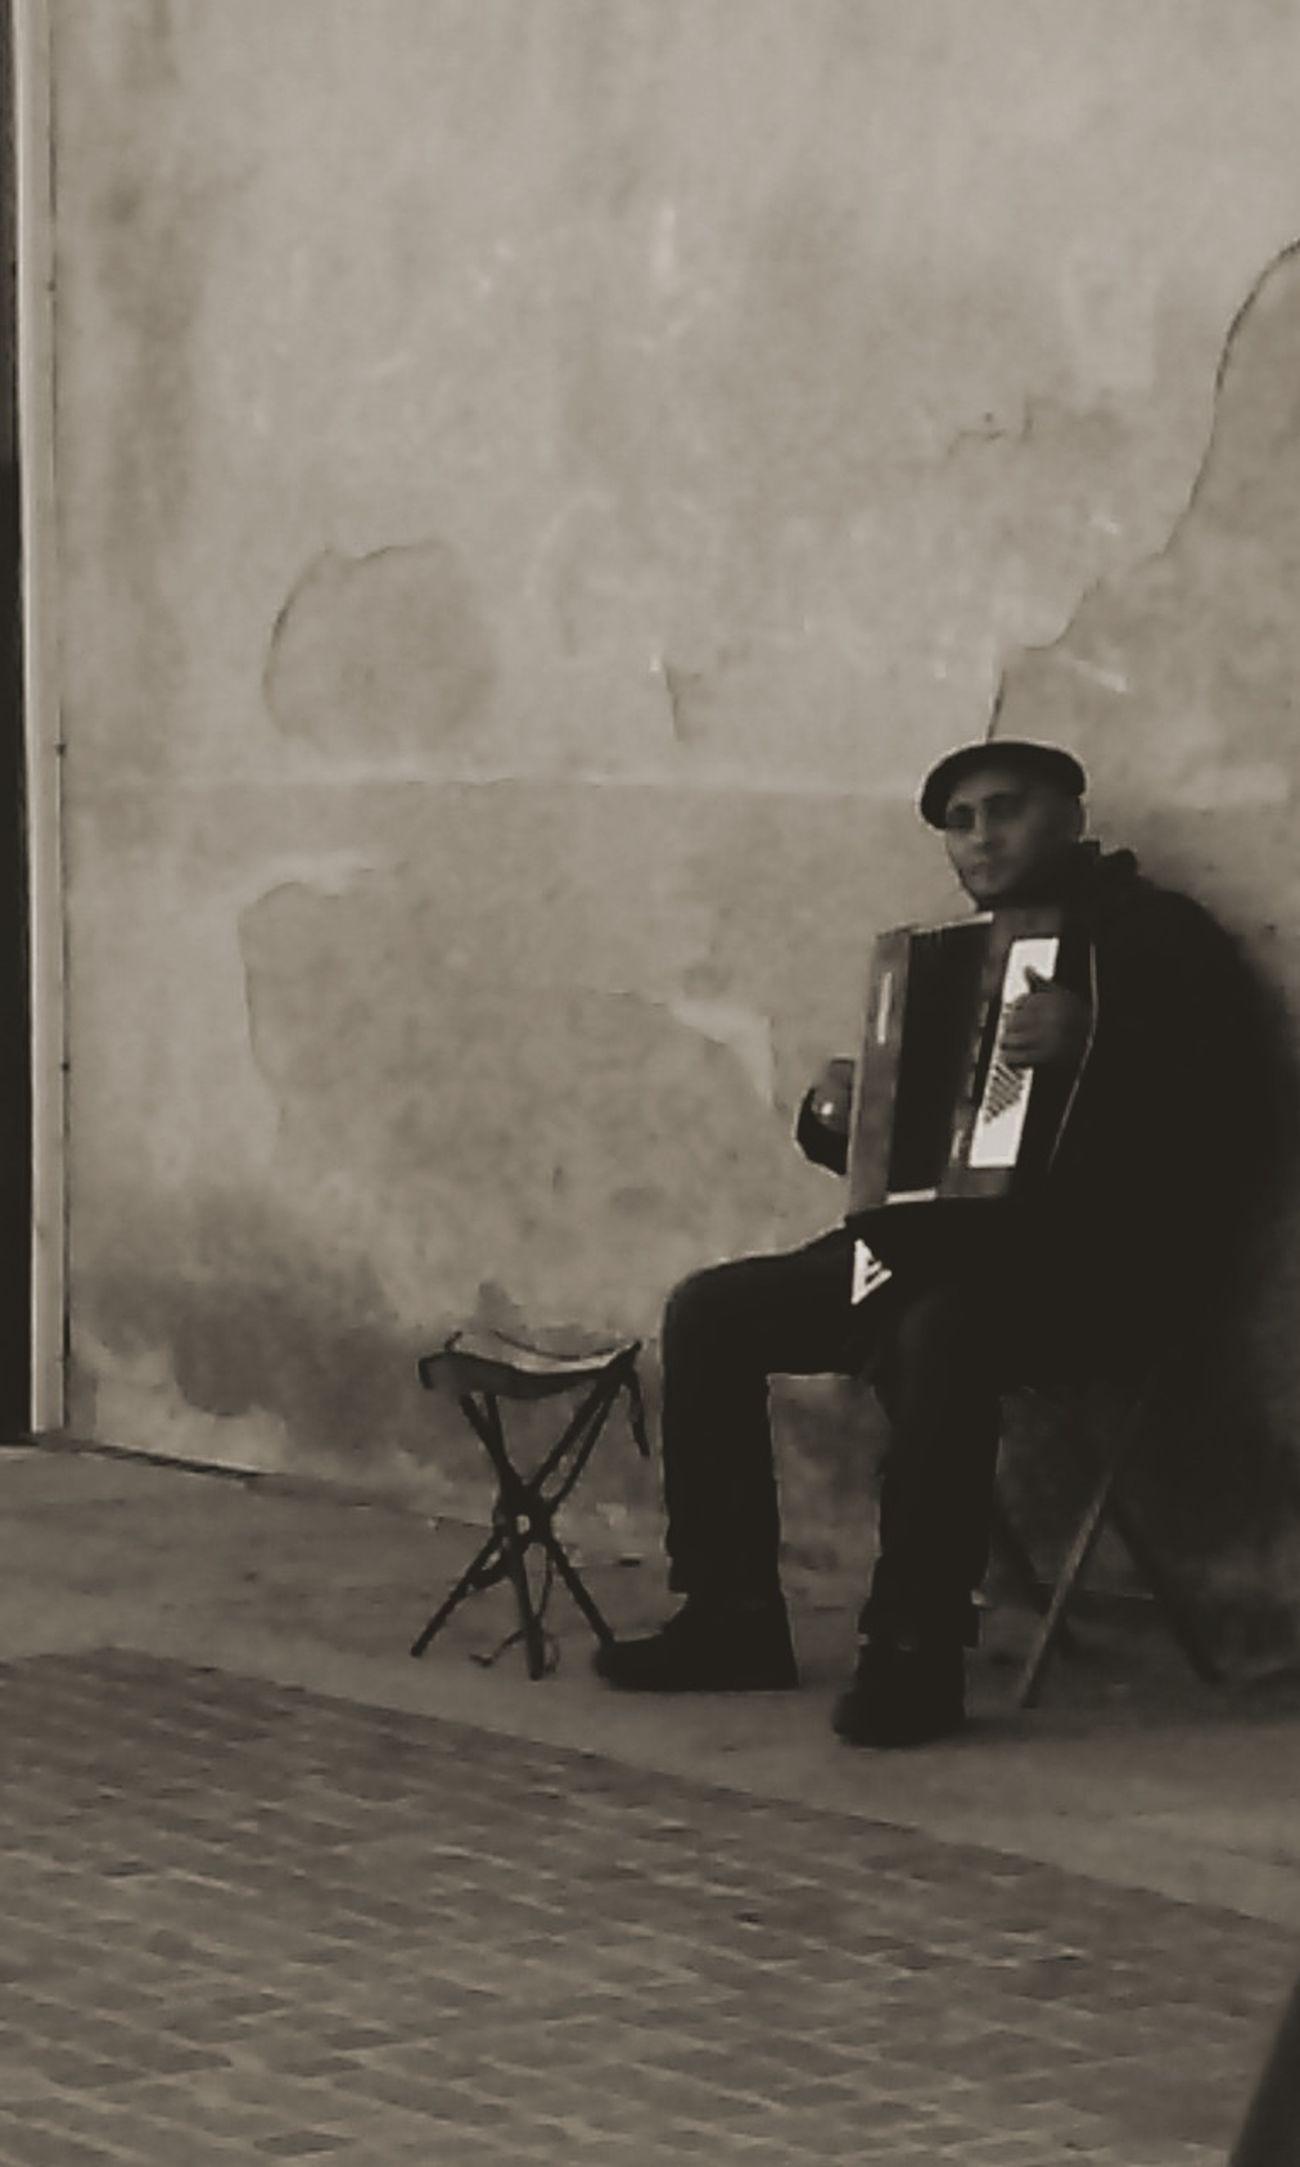 Musicien qui joue dans les rues pour le bonheur des passants. Photo